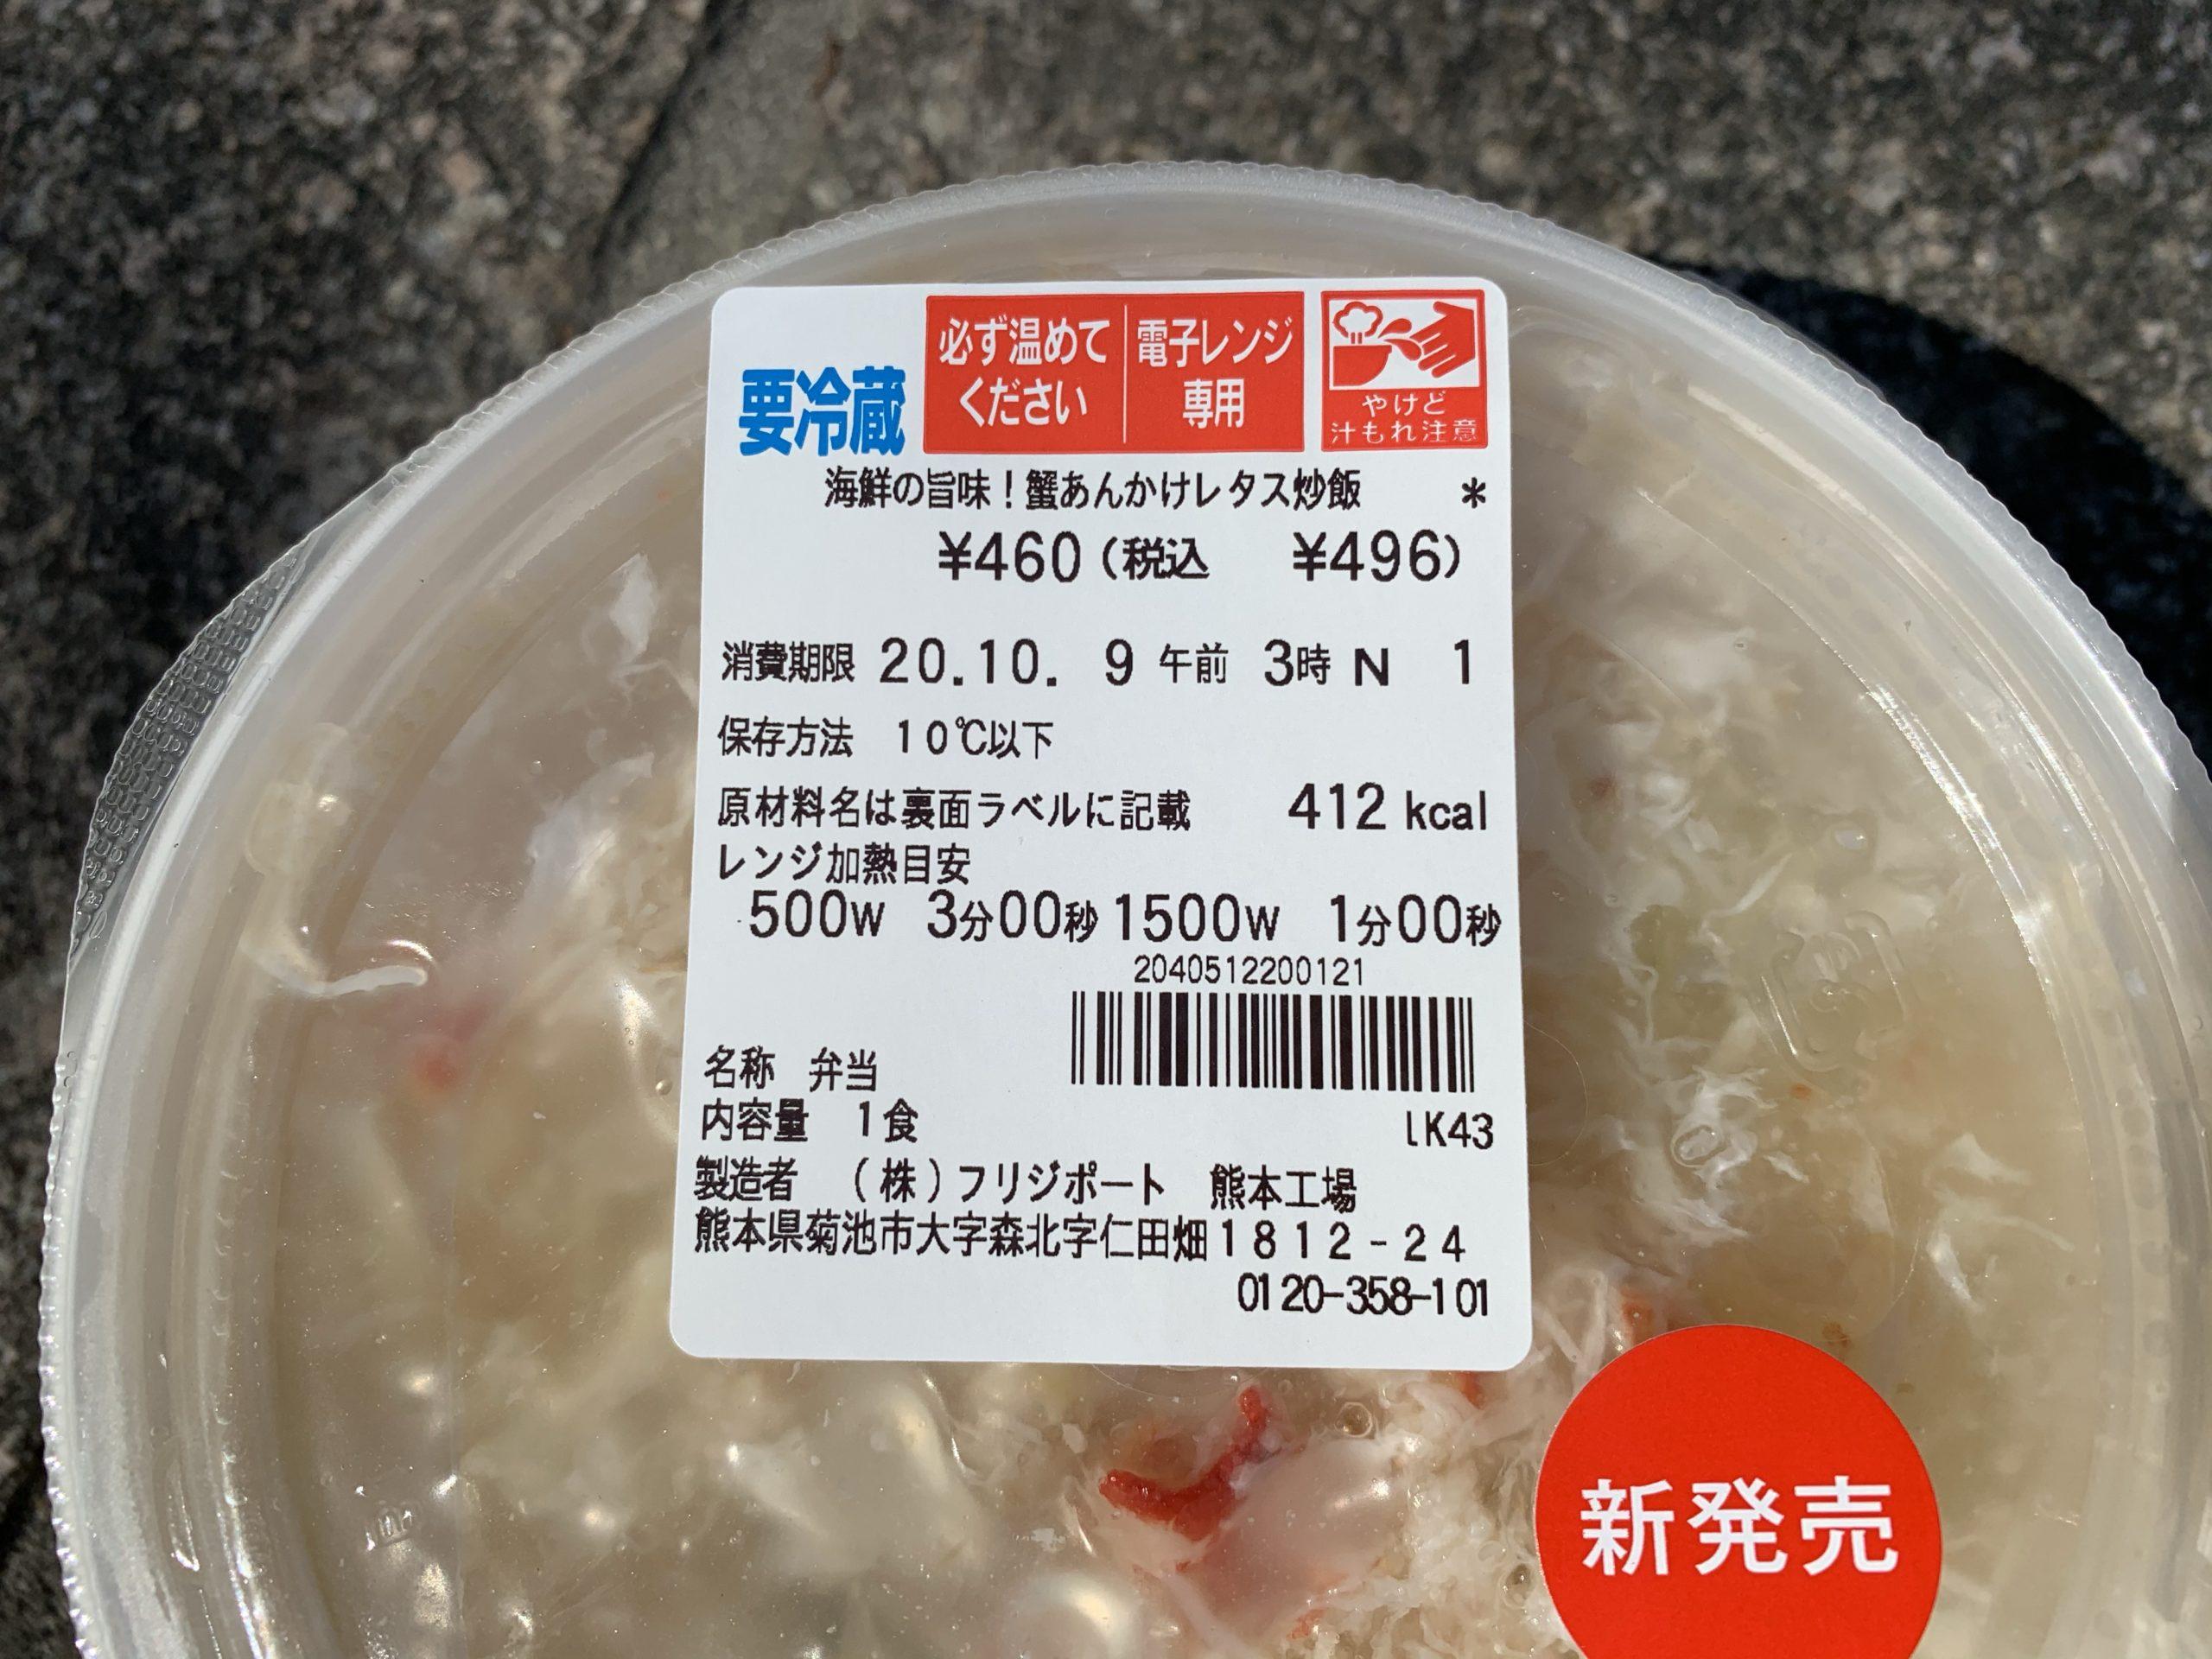 蟹あんかけレタス炒飯の加熱目安